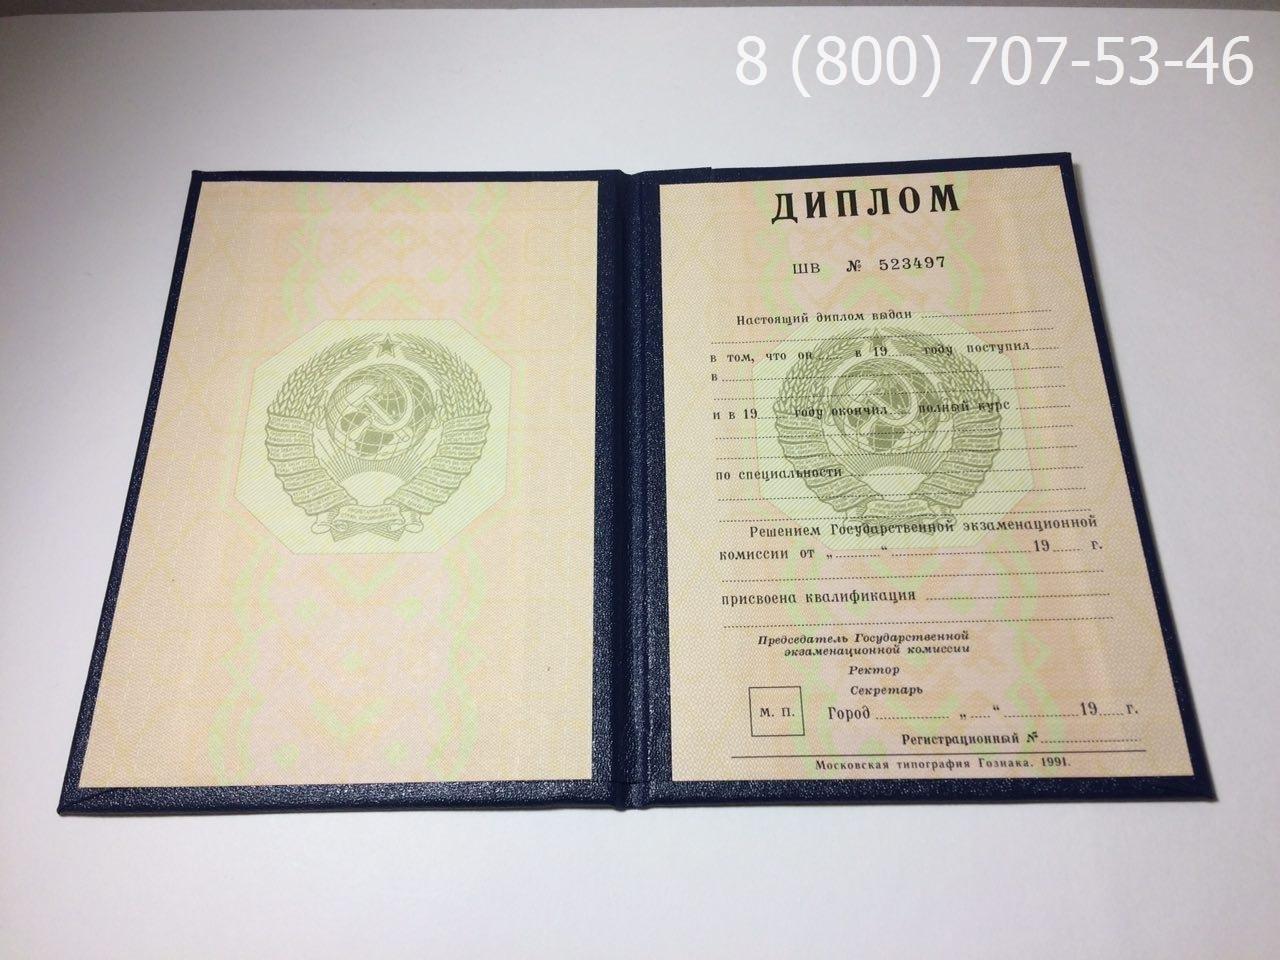 Диплом о высшем образовании СССР